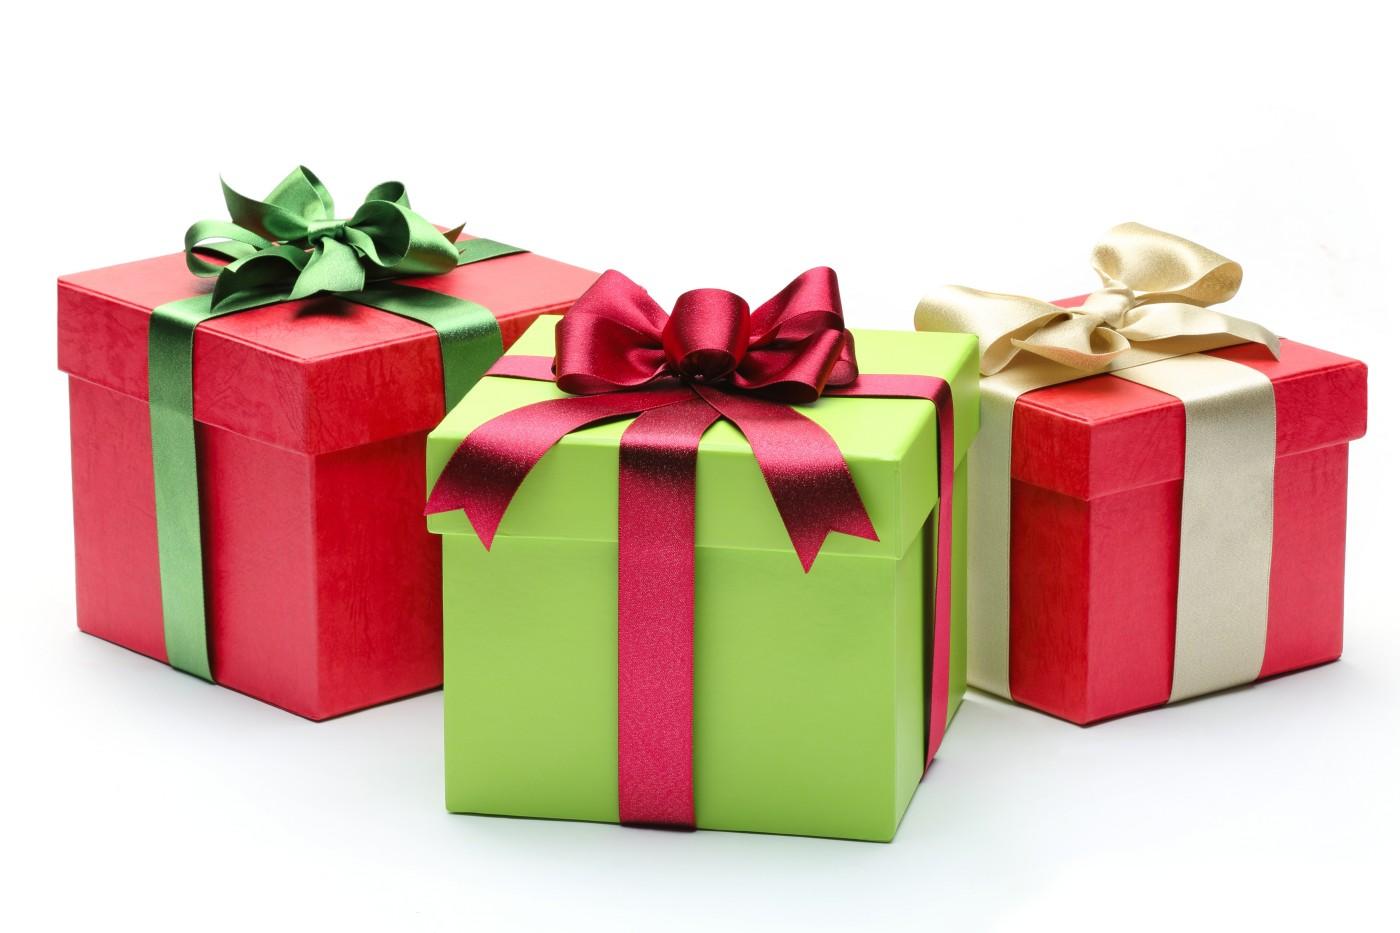 در چه صورت میتوان هدایای داده شده را پس گرفت؟